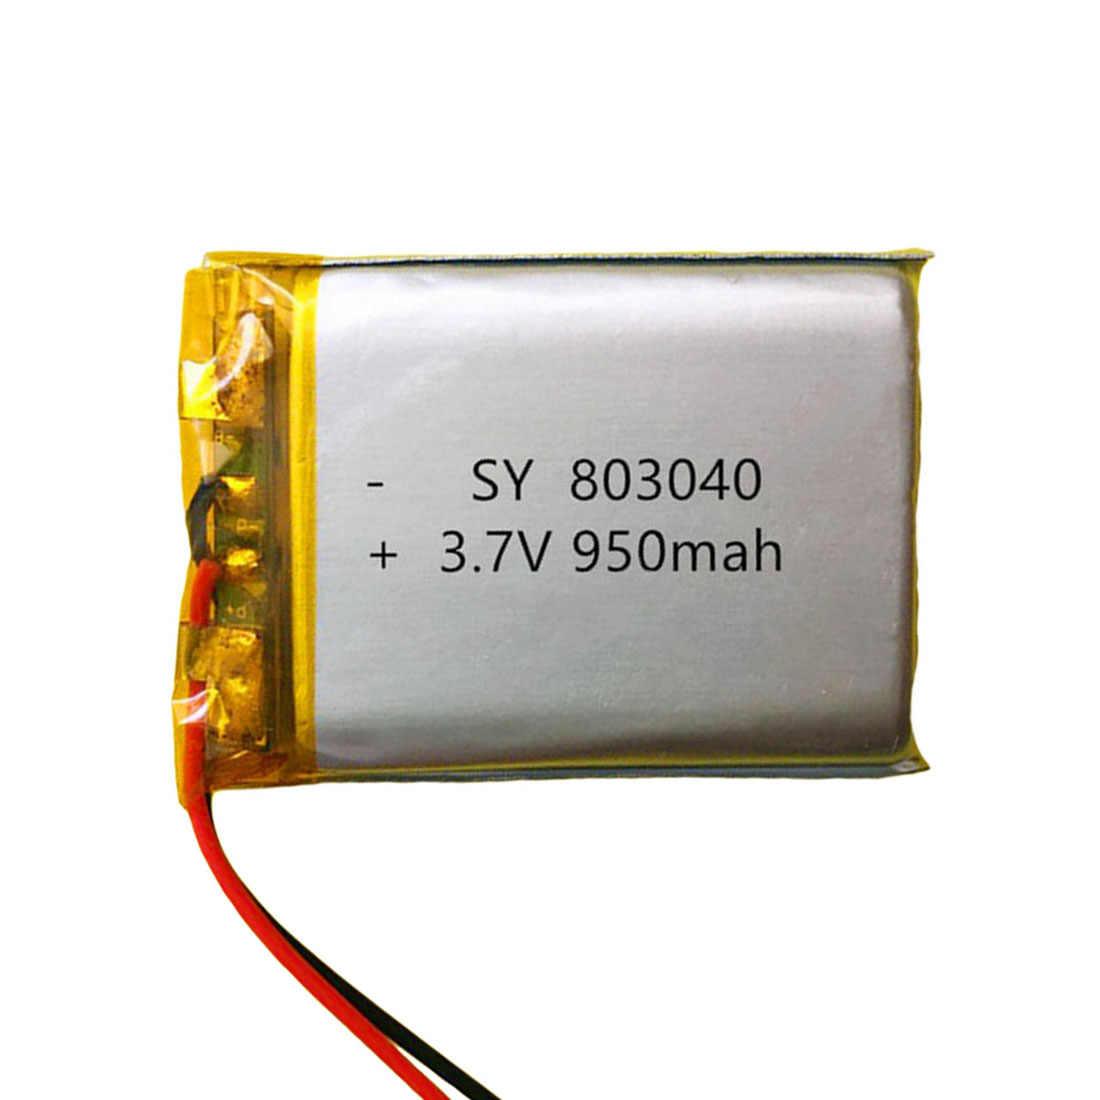 1 шт. 3,7 в 950 мАч 803040 литий-полимерный аккумулятор зарядное устройство для литий-ионный Перезаряжаемые Батарея для gps Оборудование для psp MP4 MP5 мобильный Карманный ПК электронных книг Bluetooth